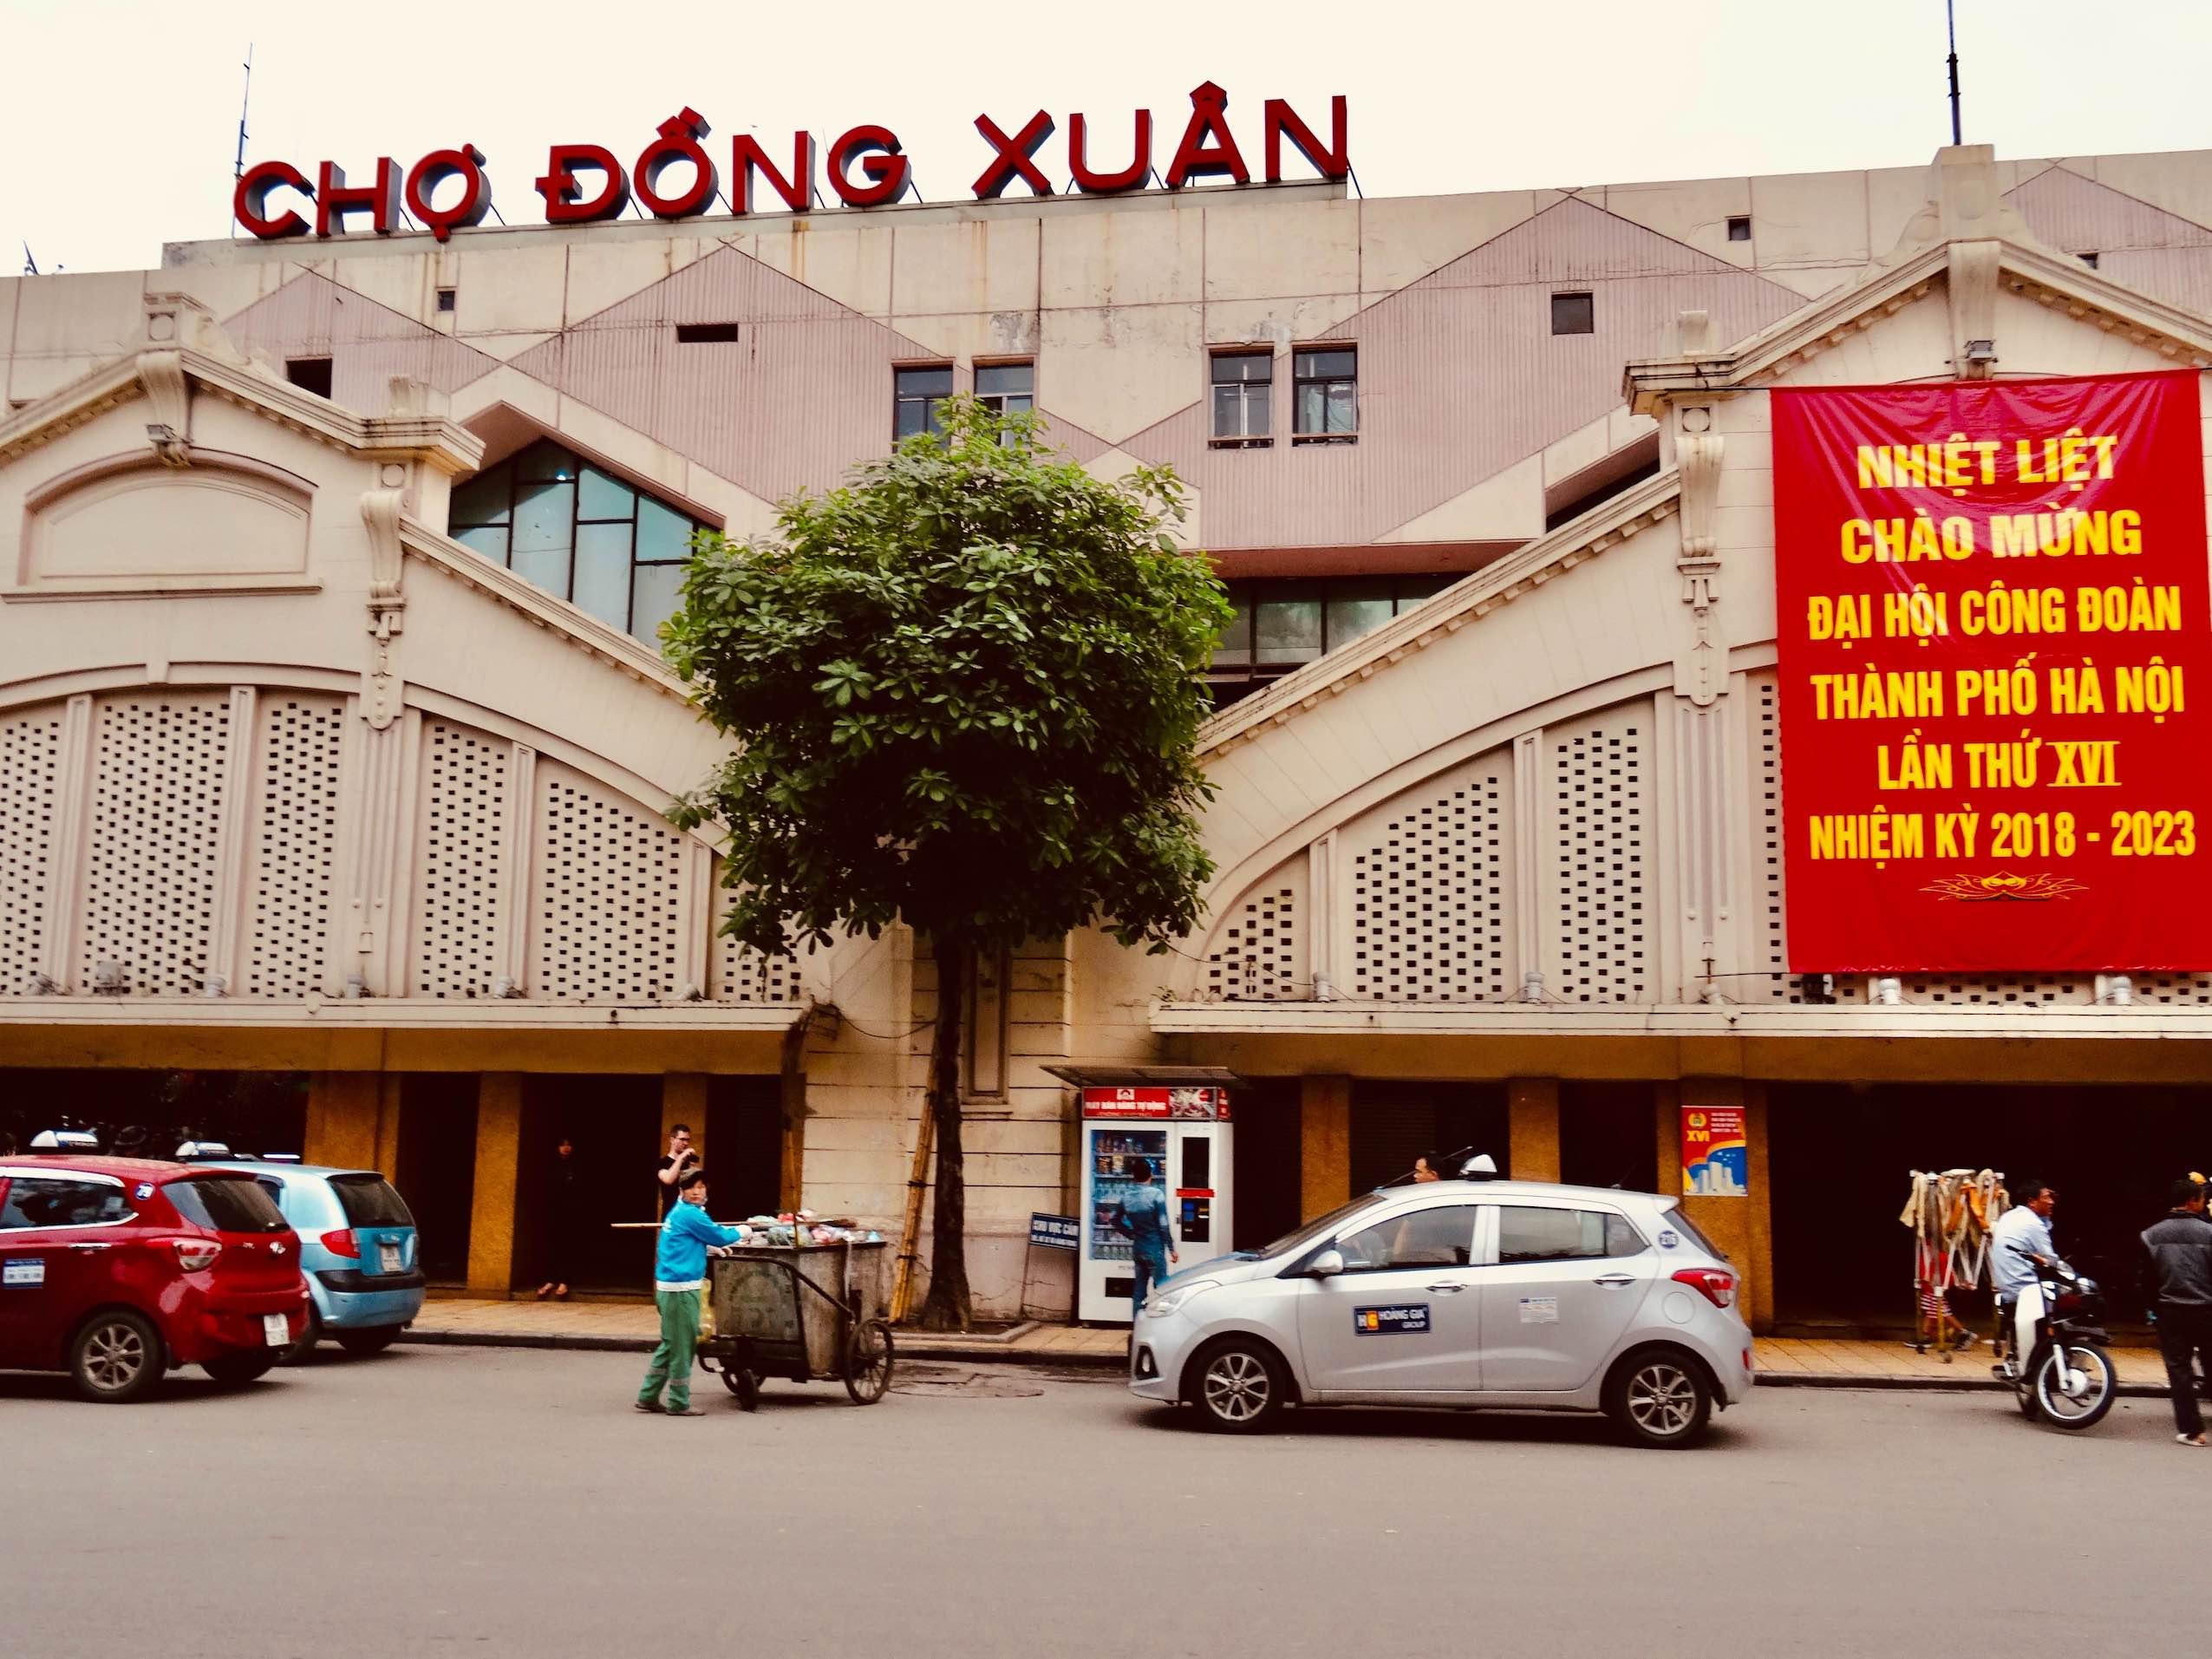 Dong Xuan Market.